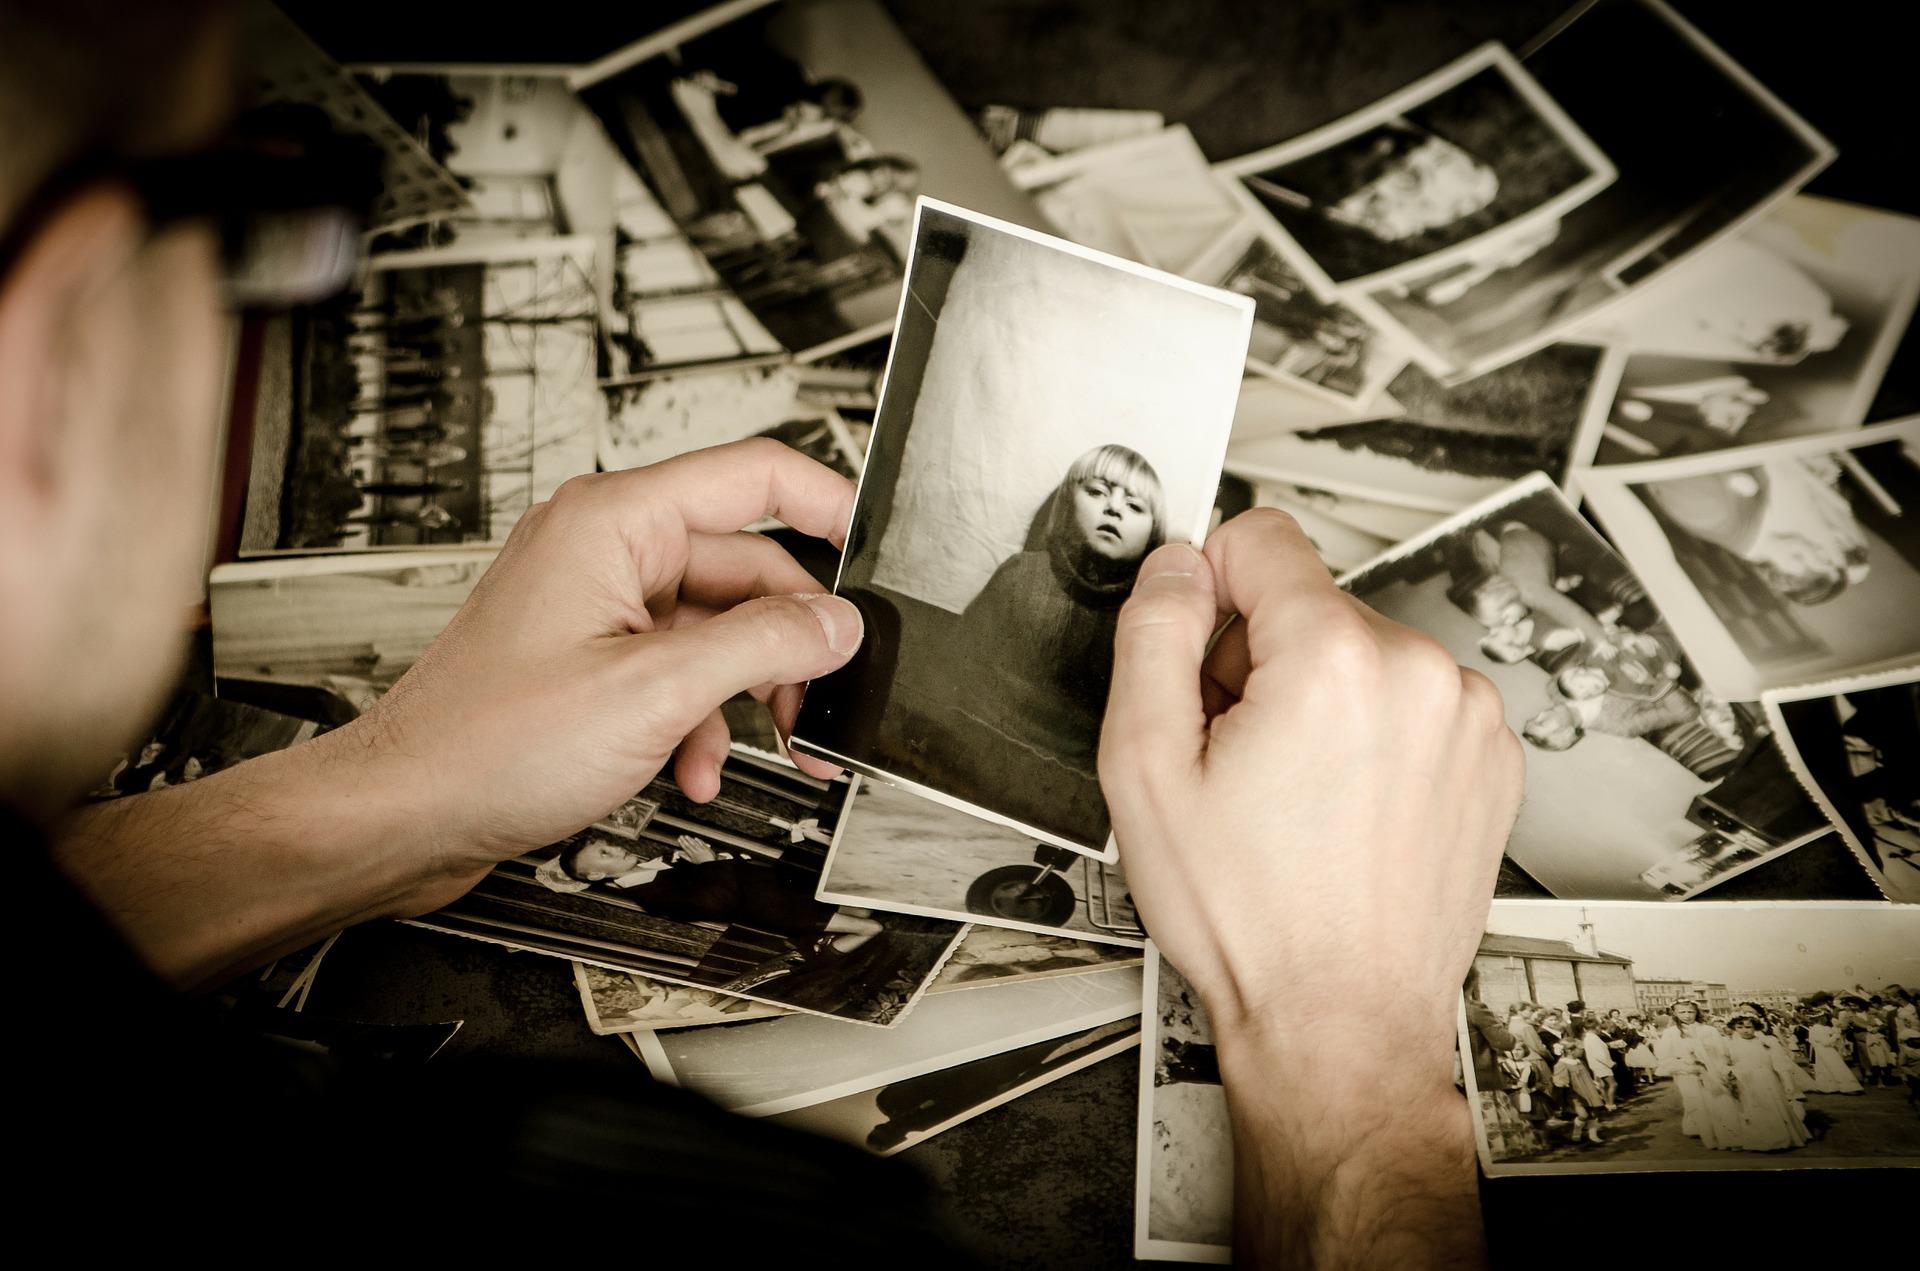 ===Recuerdos...momentos...=== - Página 4 Photo-256887_1920_f9398e21a7b5790bf4195c68333b91de